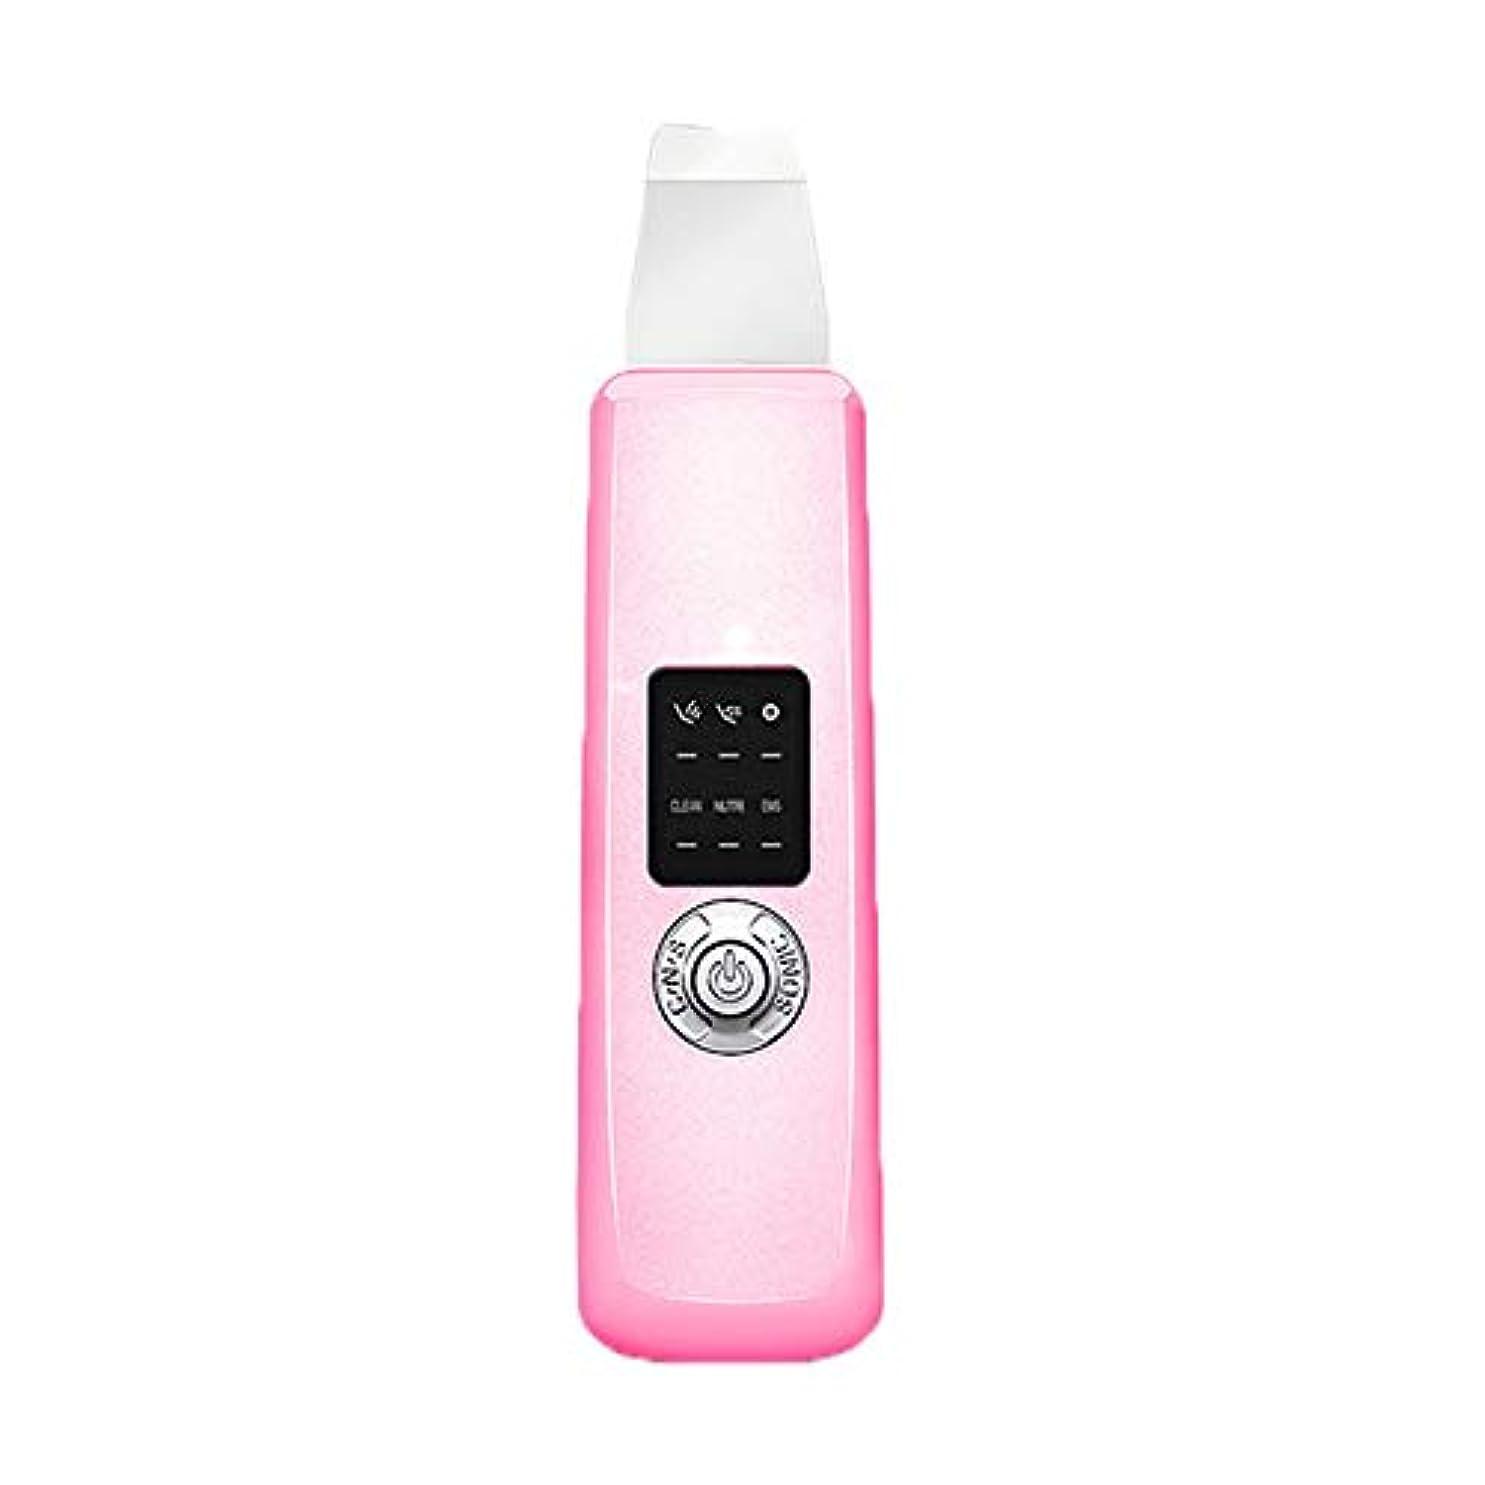 仲良しユーモア五月にきび除去剤、にきび毛穴クリーナーにきびに電気吸引ブラックヘッドアーティファクト電子美容洗剤,ピンク